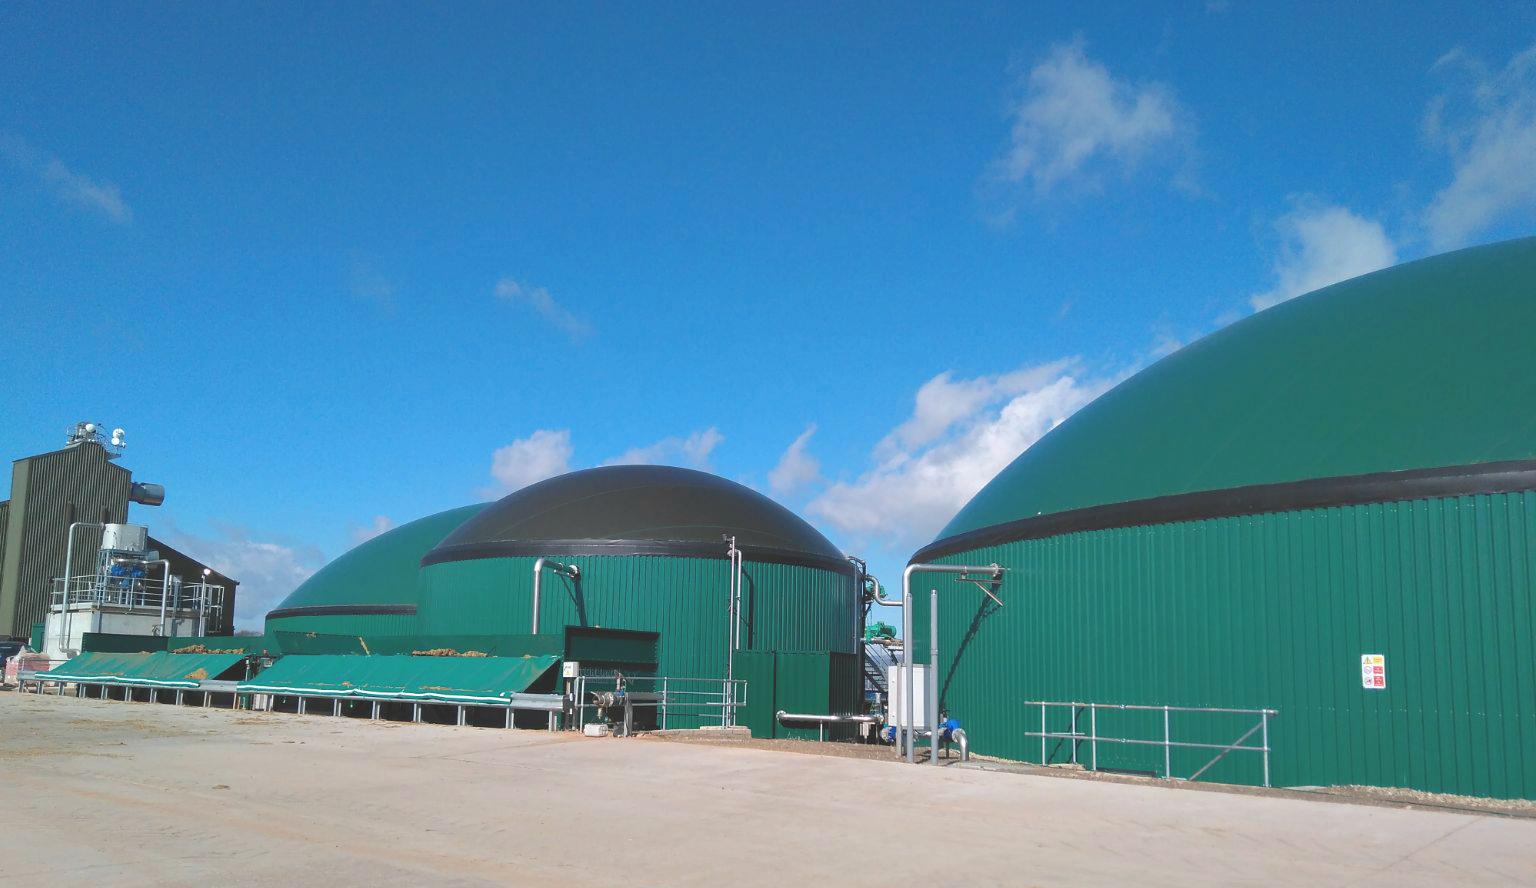 Biogas Stracathro United Kingdom Planta de Biogás de 1MW en Stracathro Reino Unido 02